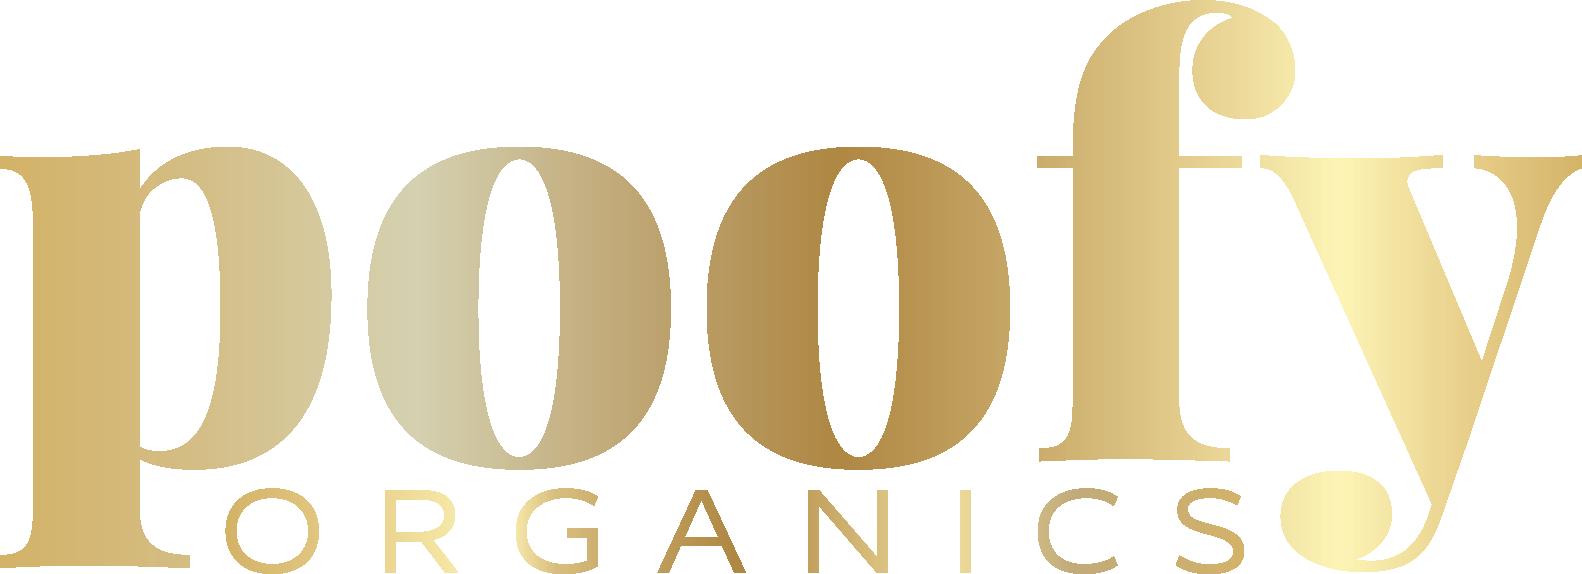 Poofy Organics Logo